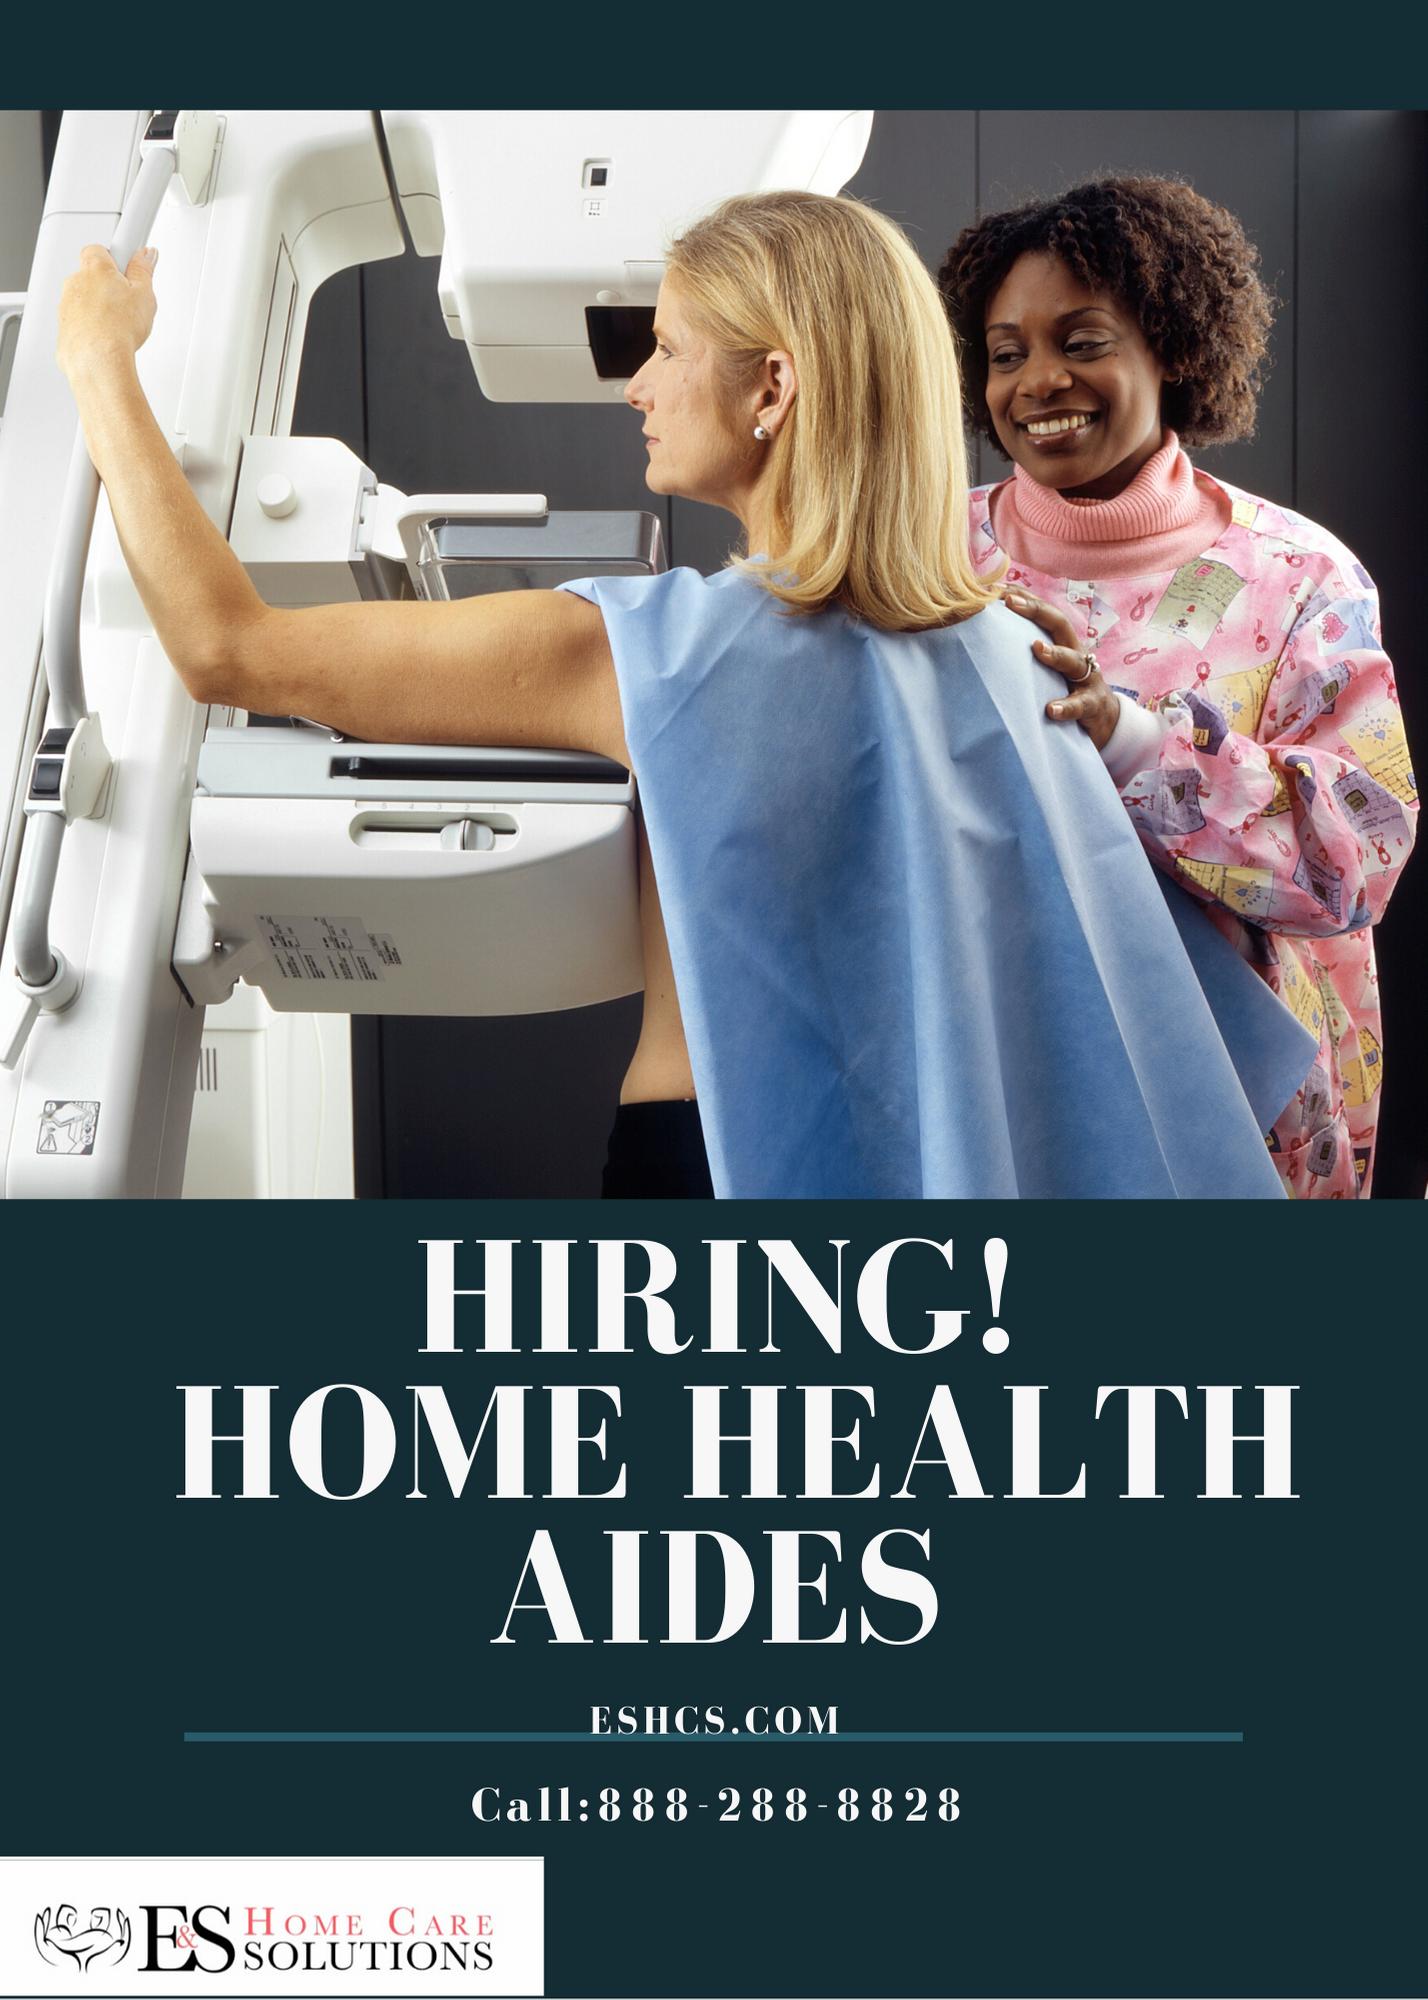 Hiring Home Health Aides In 2020 Home Health Aide Home Health Home Health Care